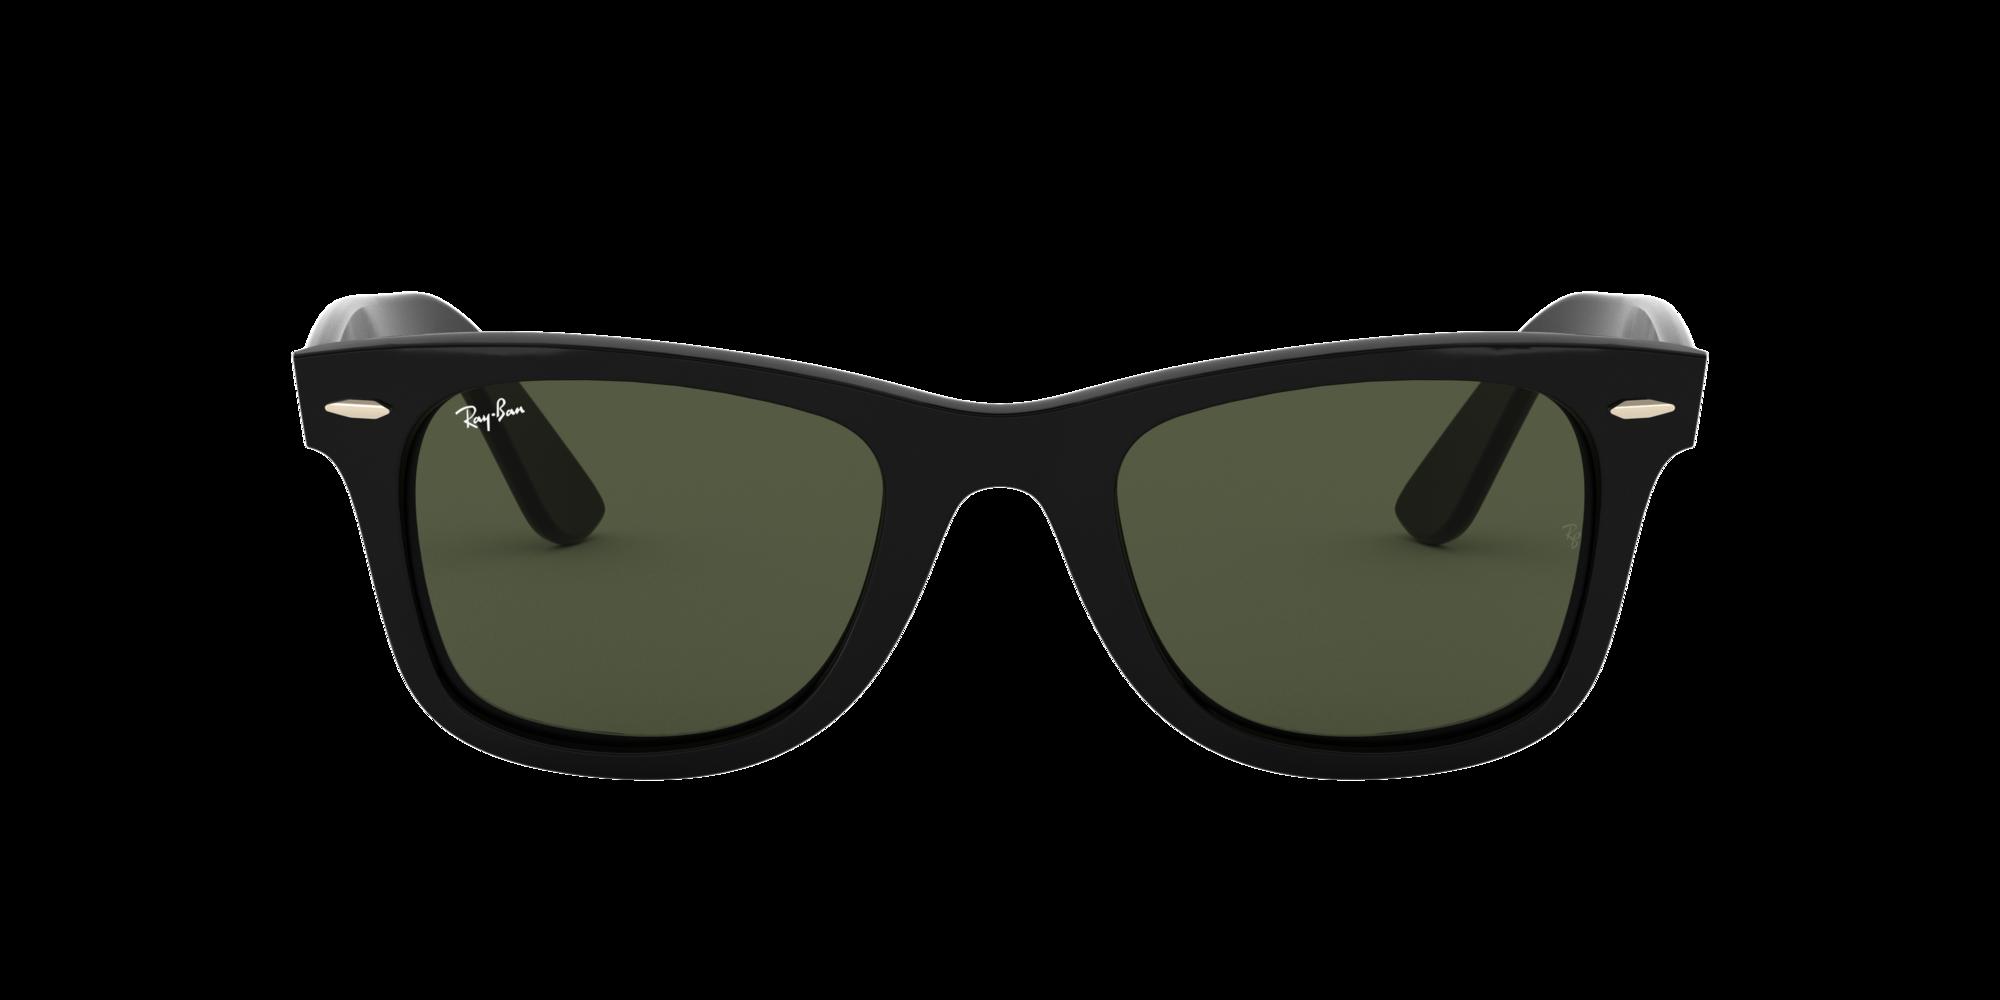 Imagen para RB4340 50 WAYFARER de LensCrafters |  Espejuelos, espejuelos graduados en línea, gafas